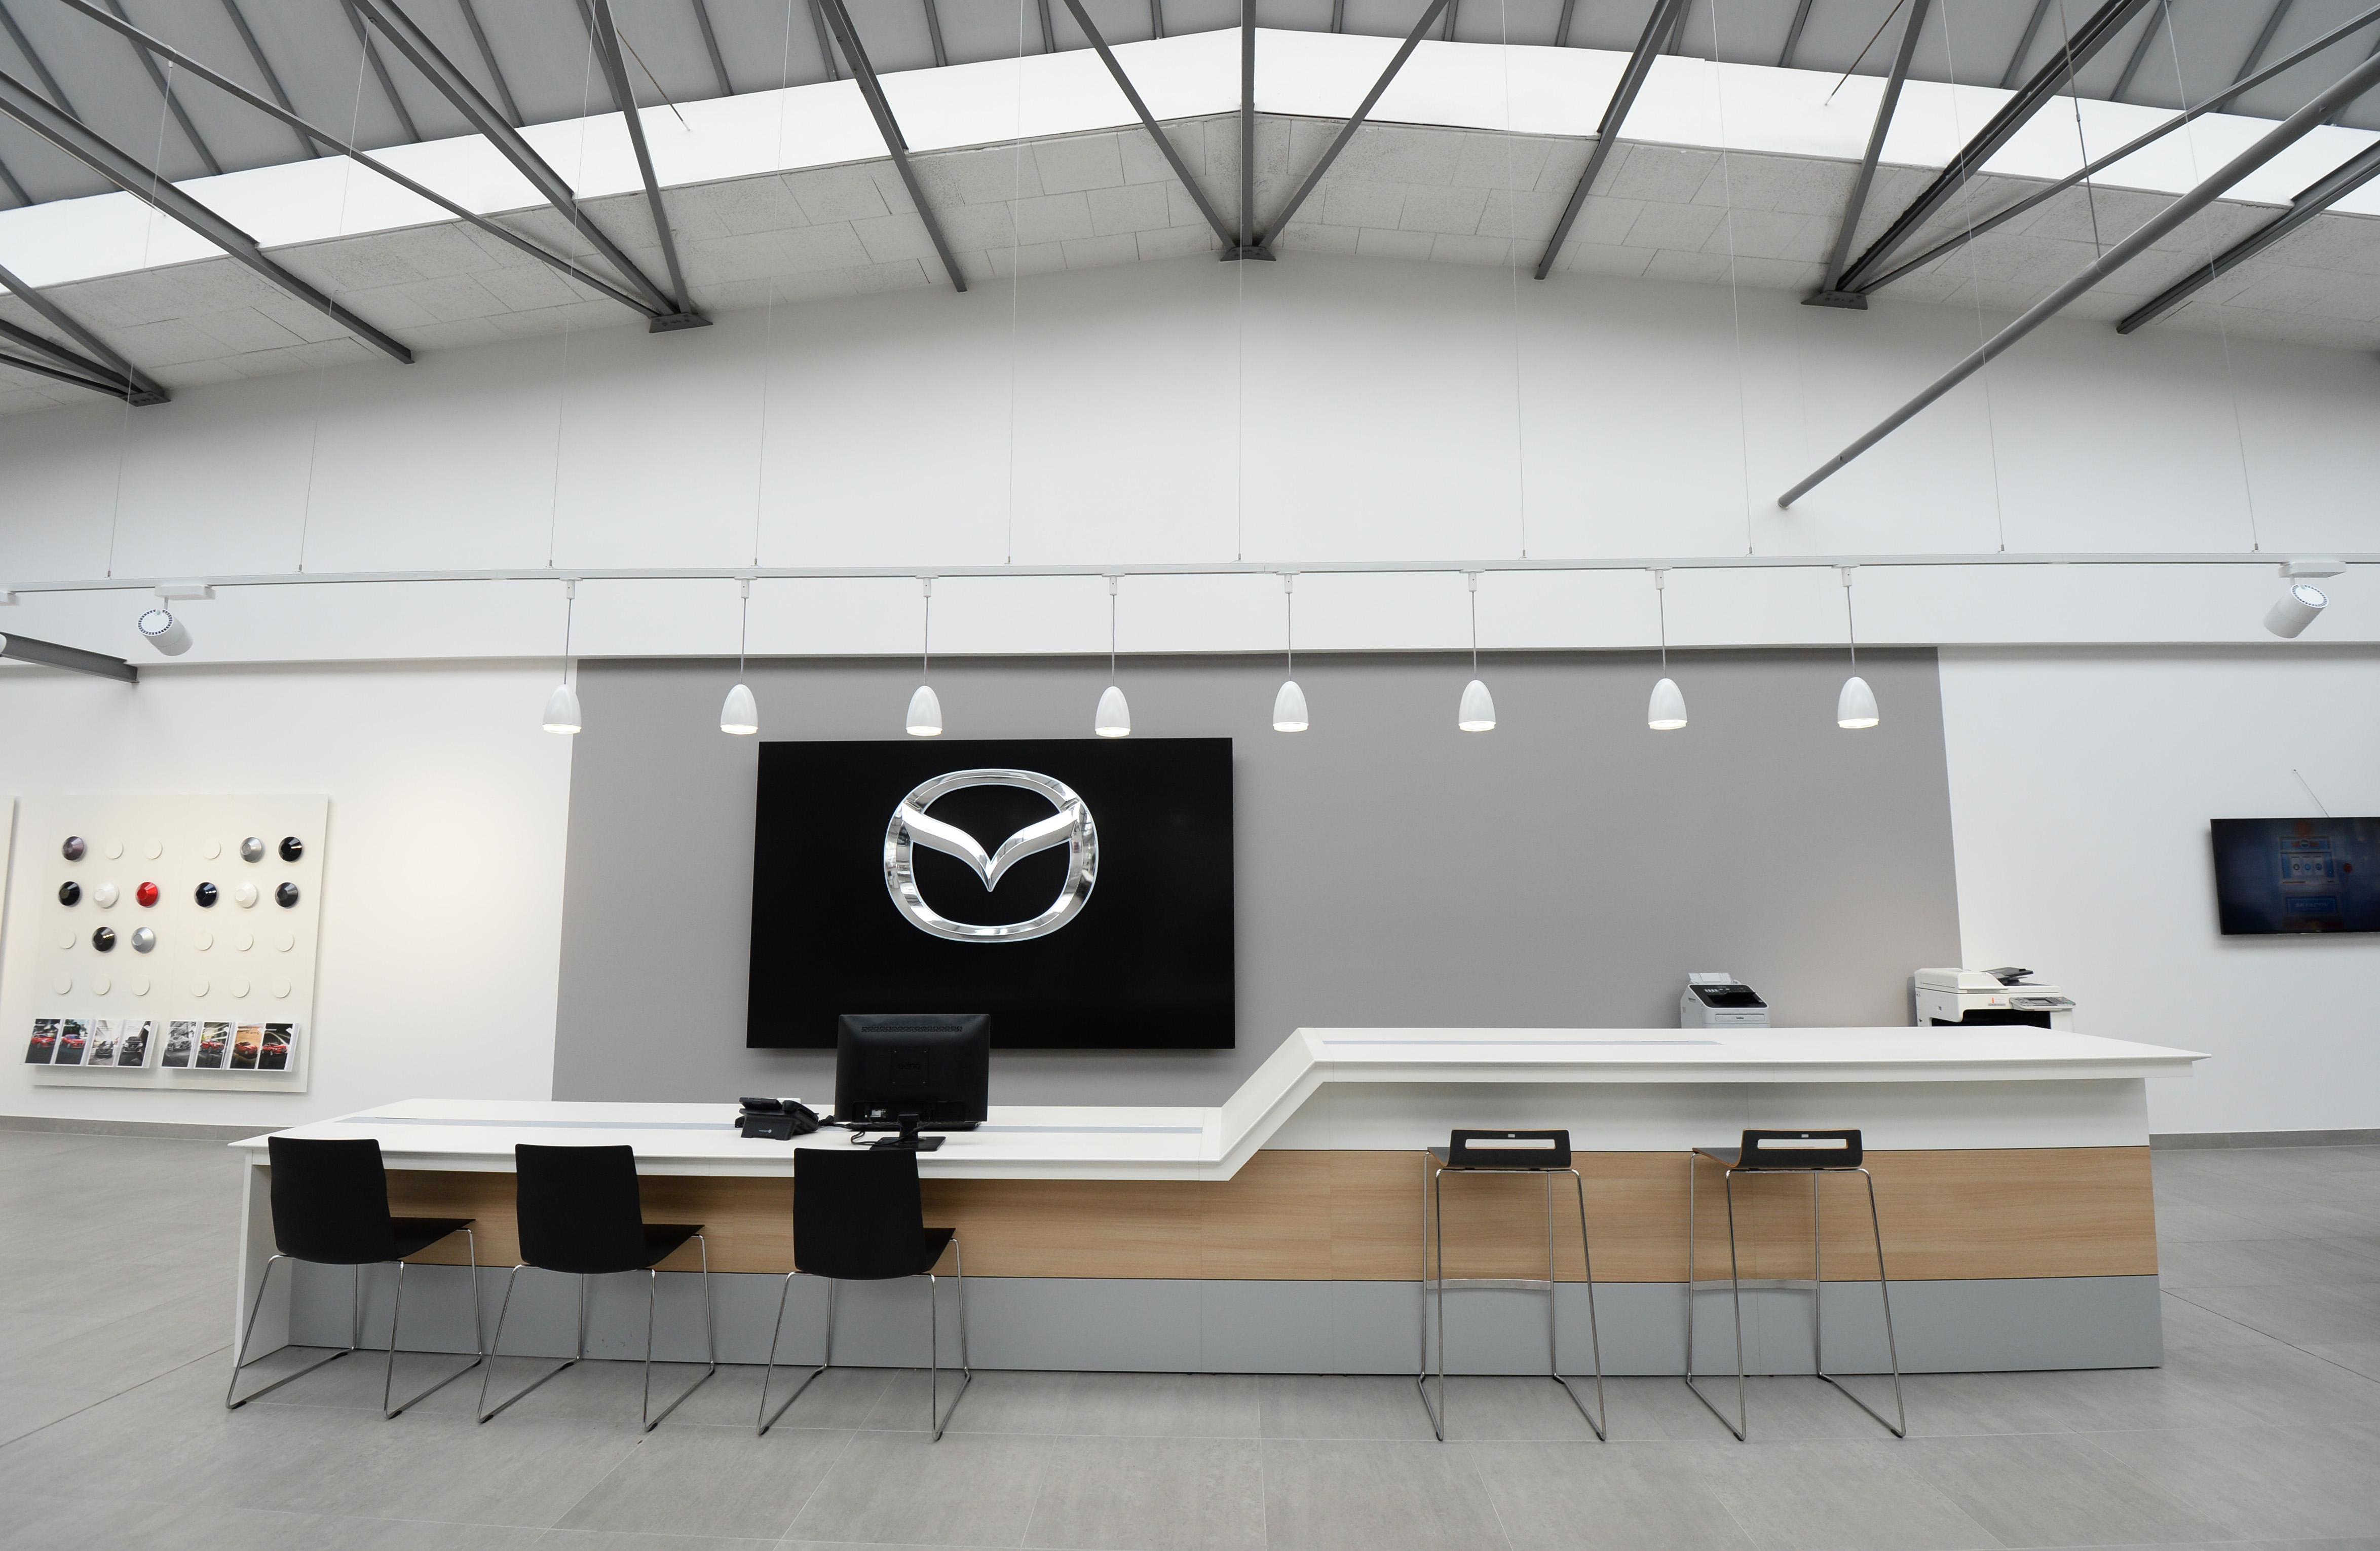 Tresen Design händlersignalisation mazda motors deutschland design tagebuch